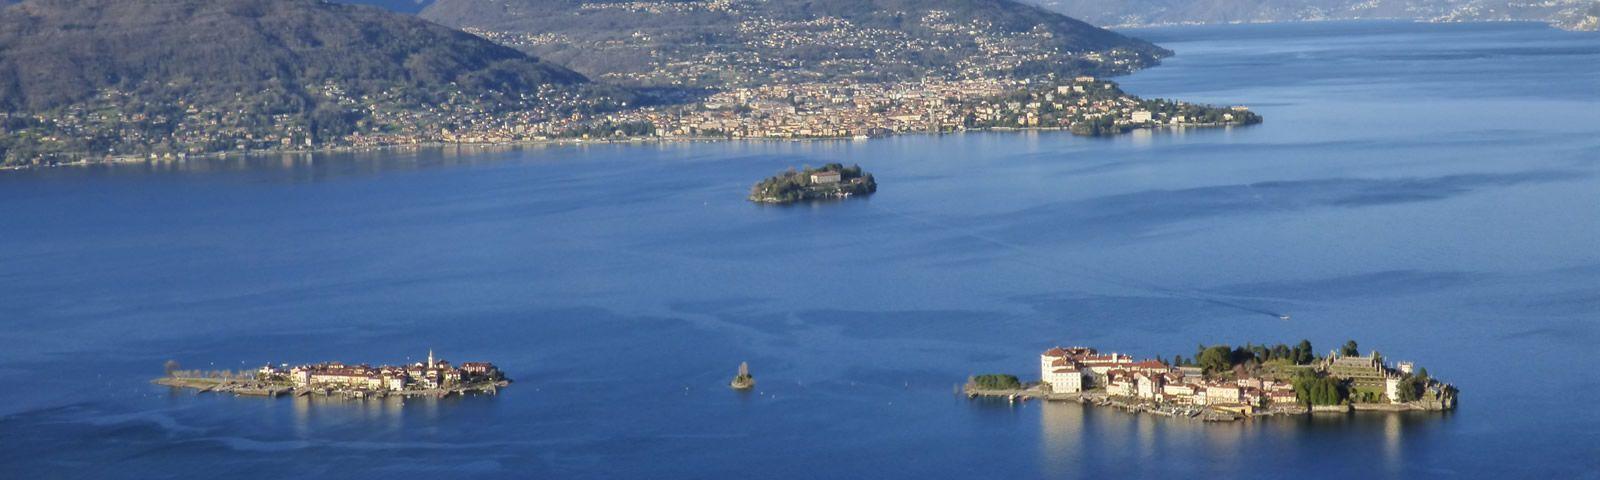 Lago Maggiore Karte.Isole Lago Maggiore Gite Ed Escursioni Sulle Isole Borromee